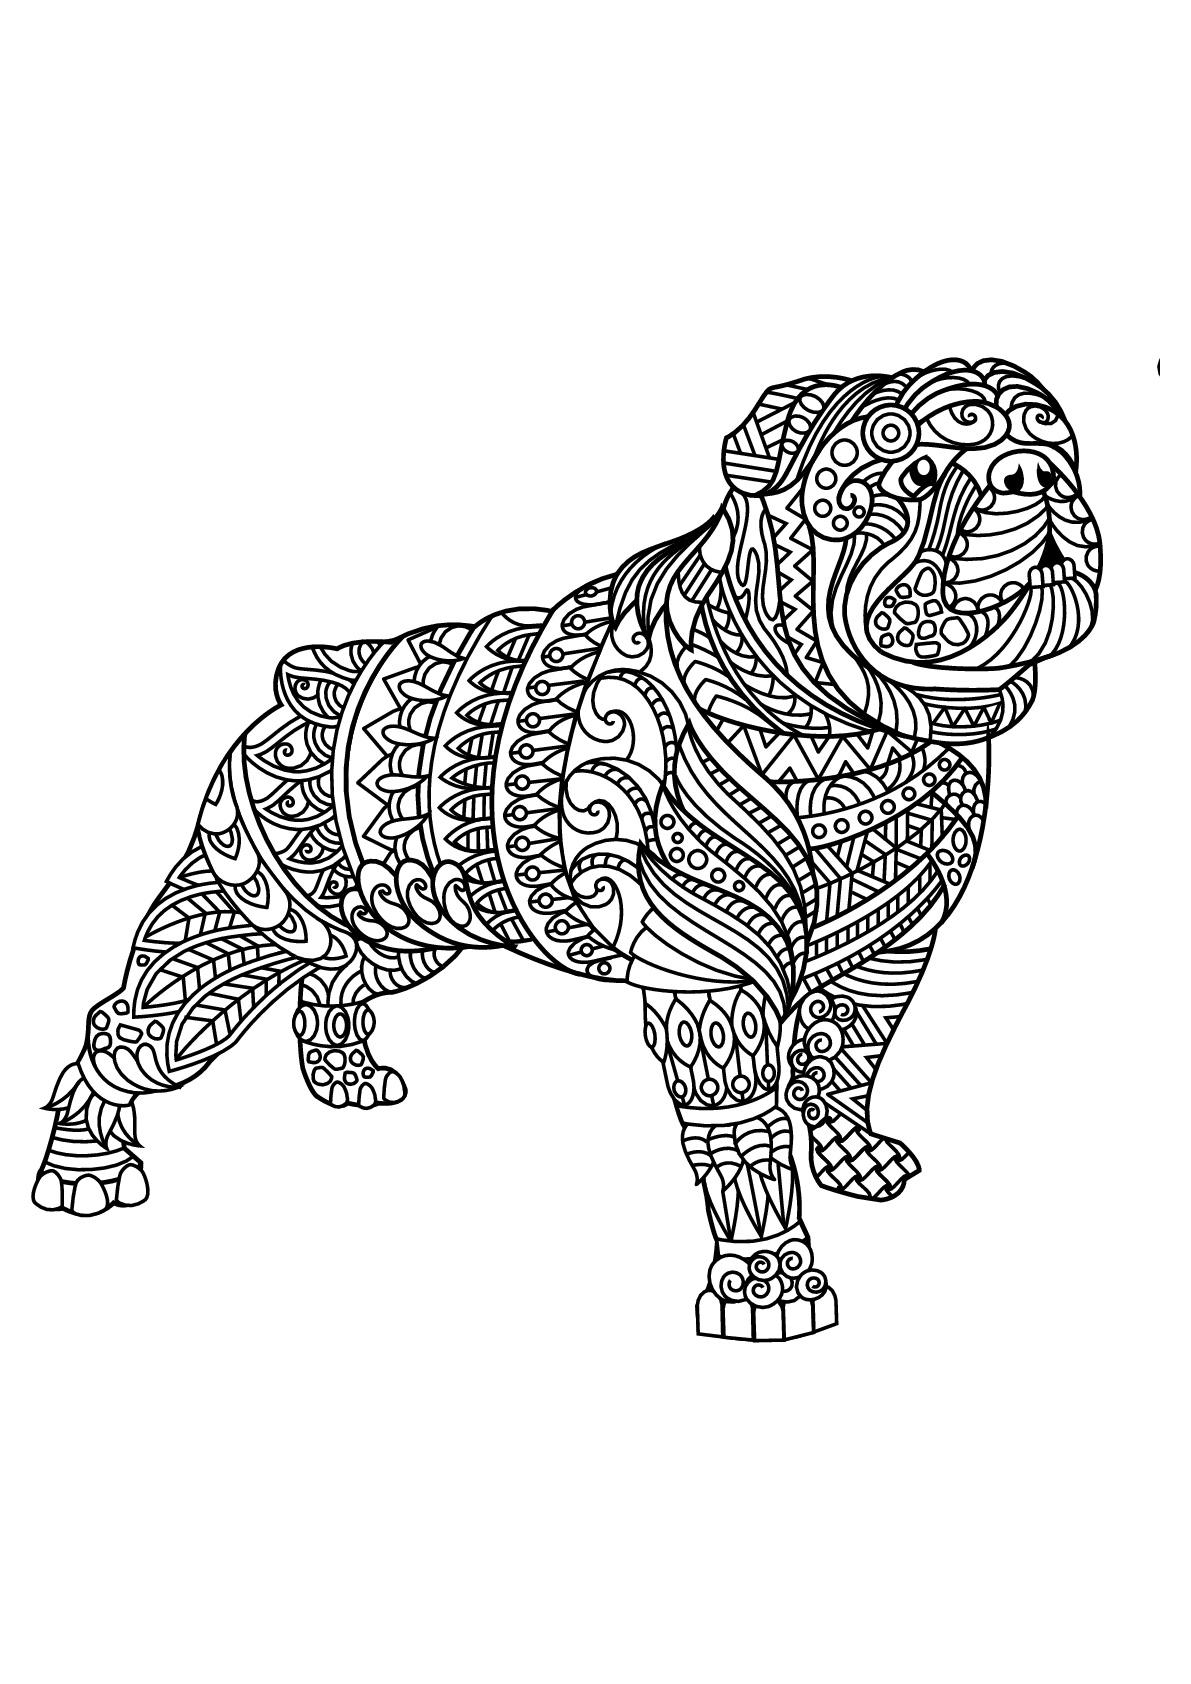 Cani 55636 cani disegni da colorare per adulti for Animali da colorare per adulti